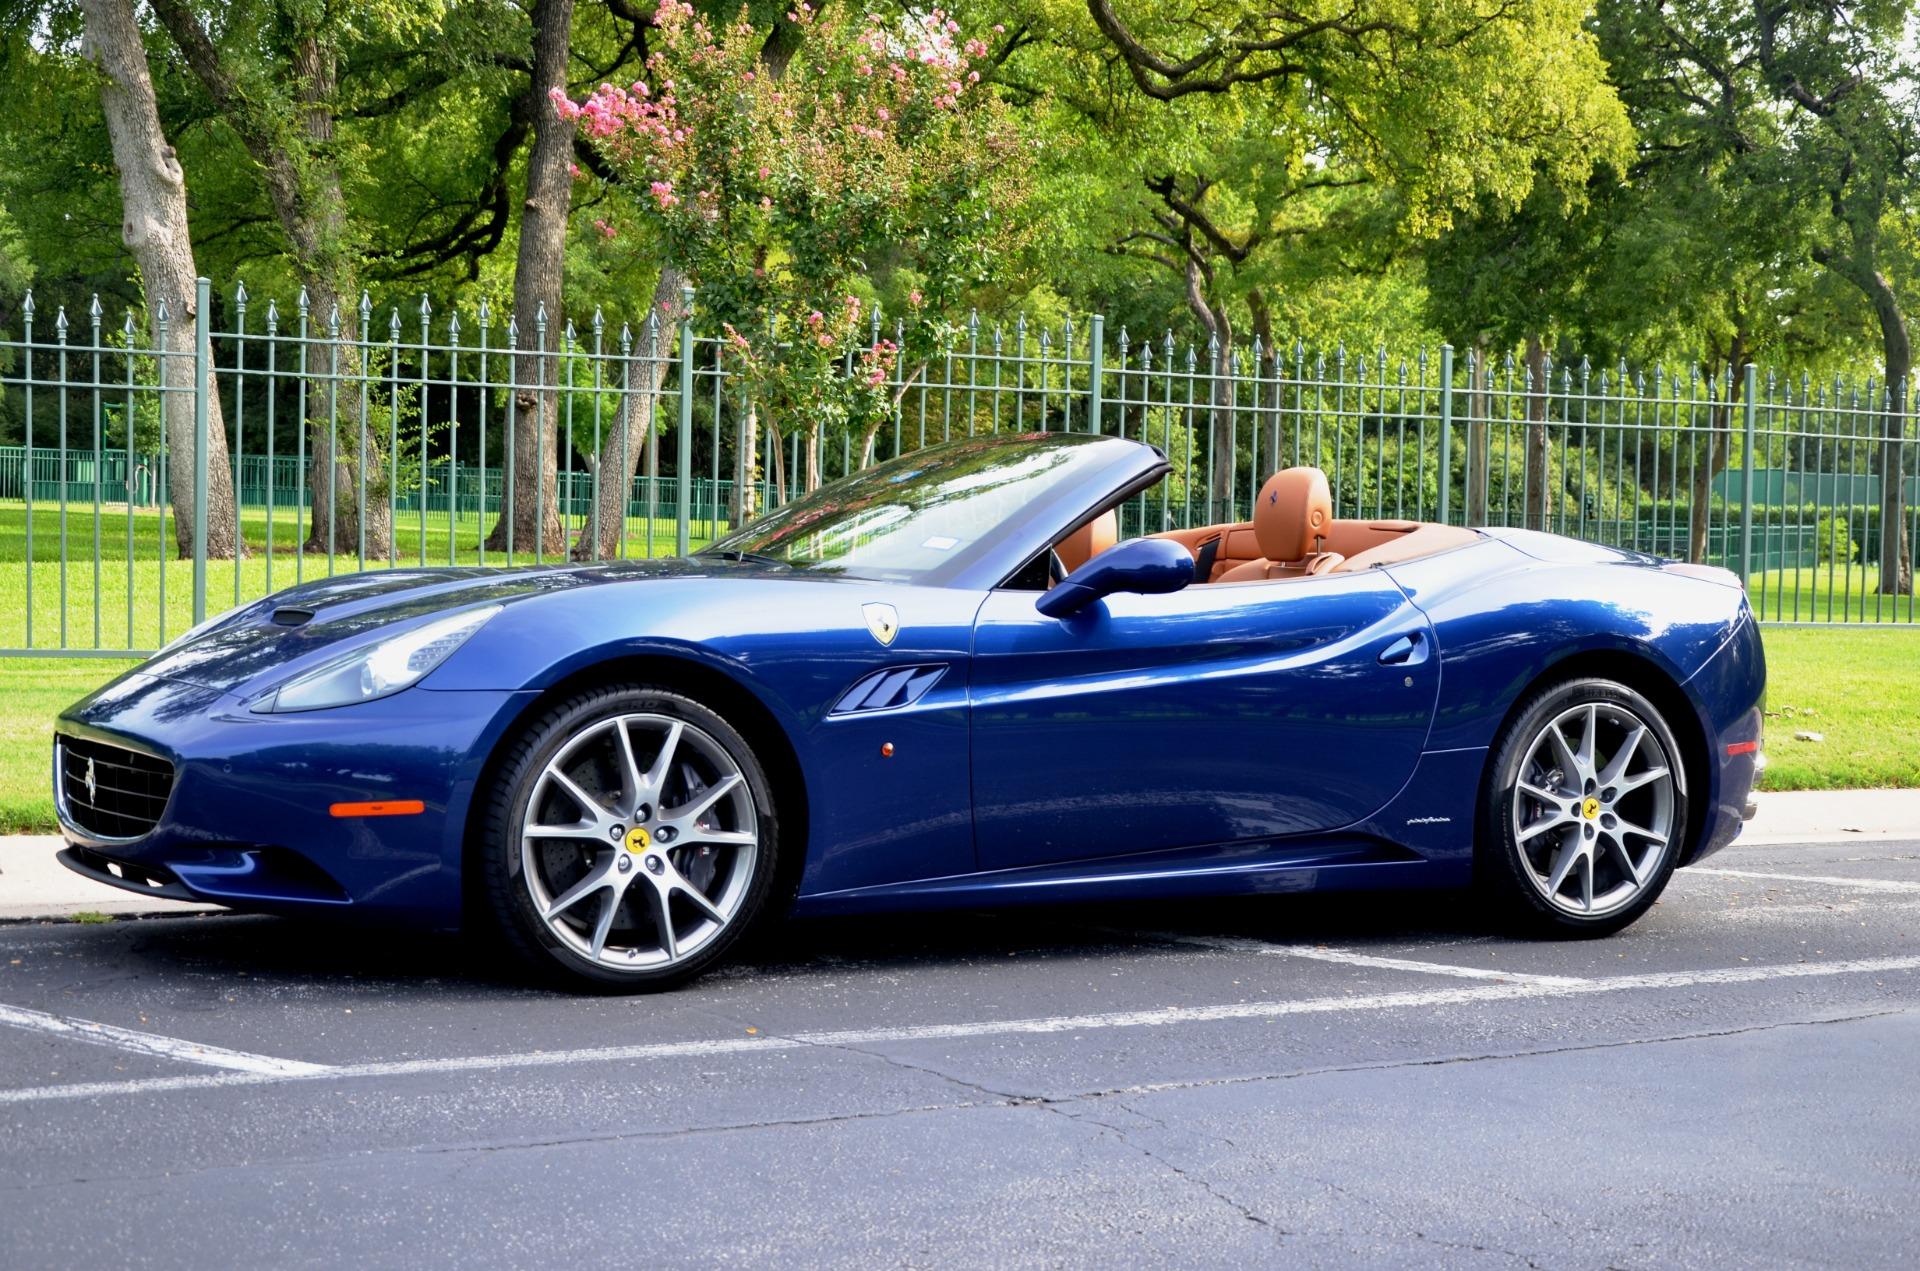 2013 Ferrari California for sale Sold Platinum Motorcars in Dallas TX 1